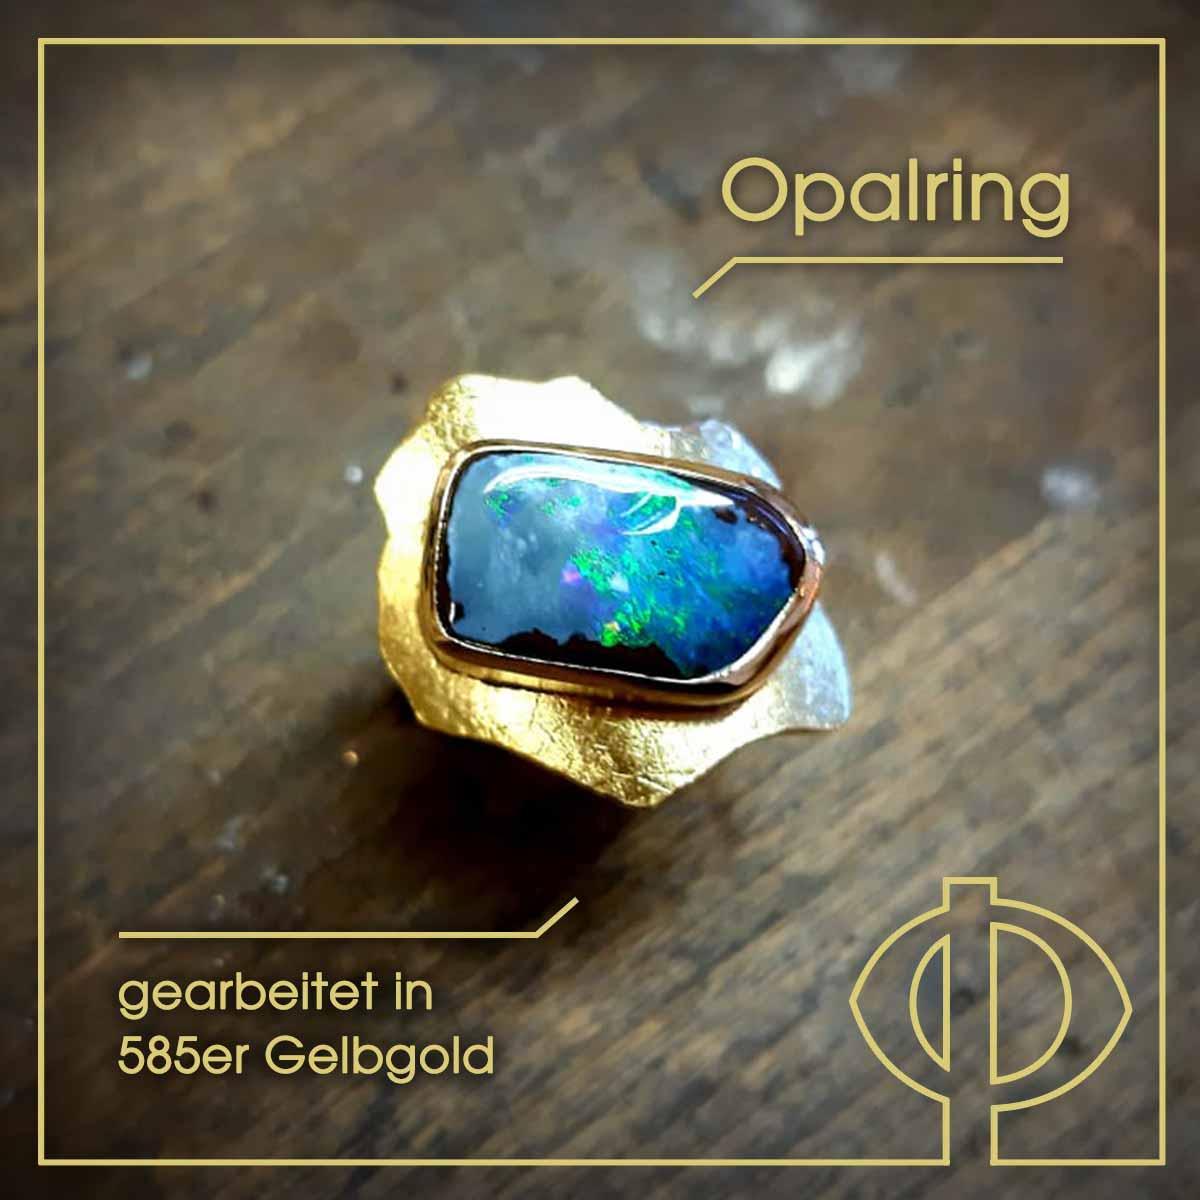 Opalring, gearbeitet in 585er Gelbgold